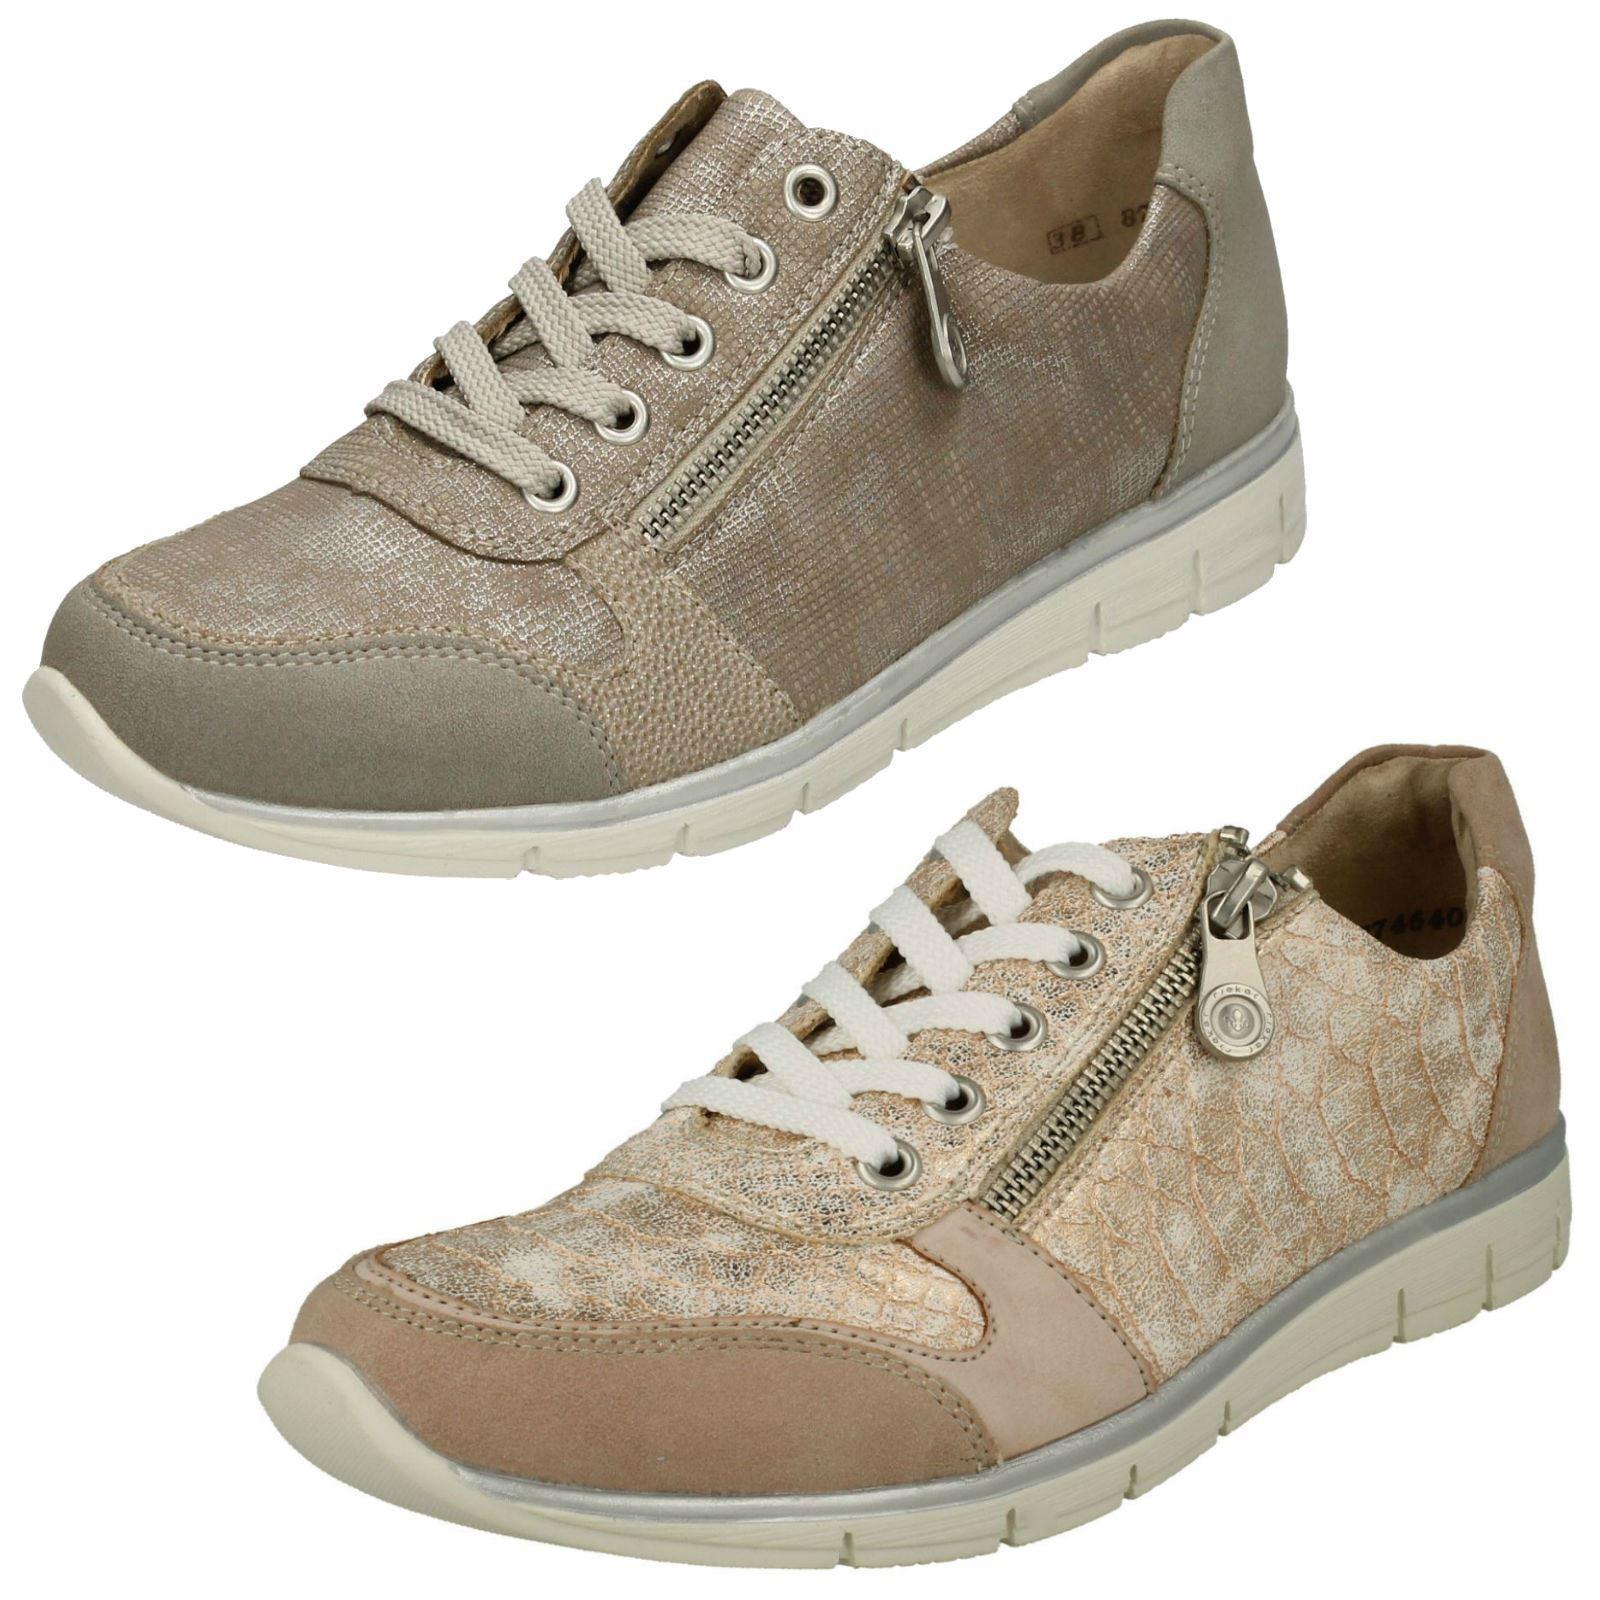 Mujer Rieker N4020 N4020 N4020 gris O rosado Sintético Zapatos Casual Con Cordones  liquidación hasta el 70%